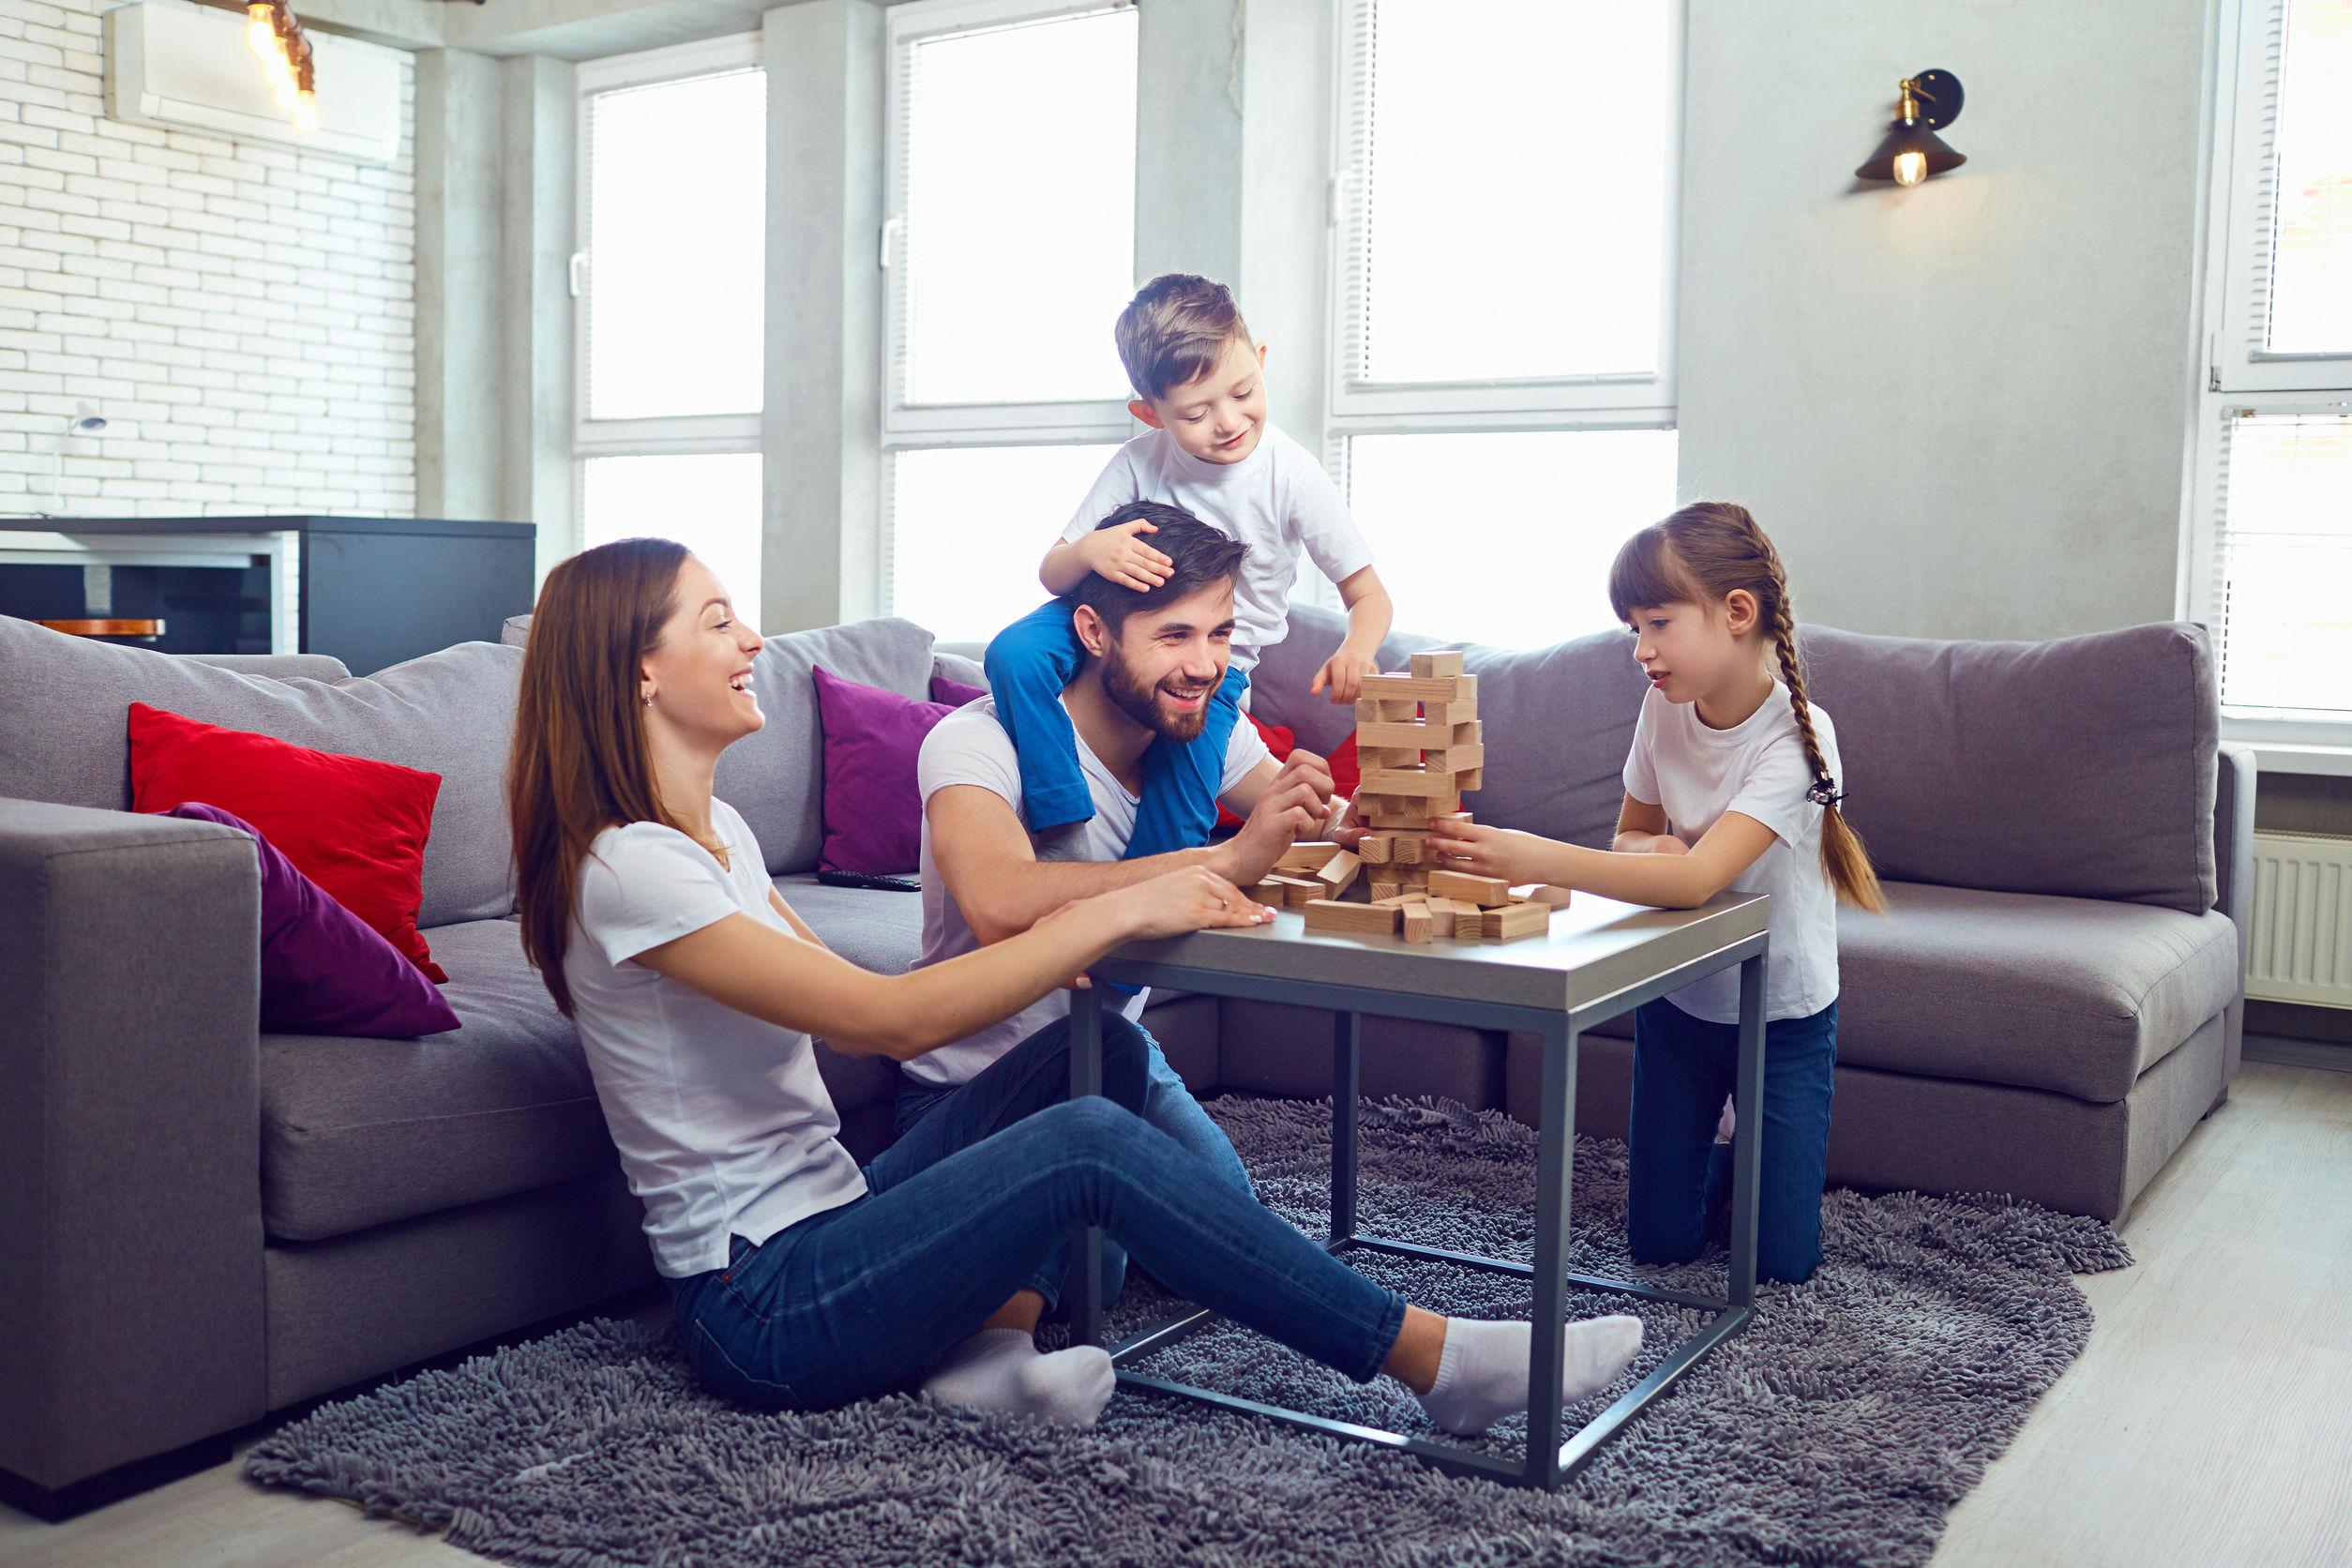 Hozd össze a családot ezekkel az elfeledettnek hitt játékokkal!